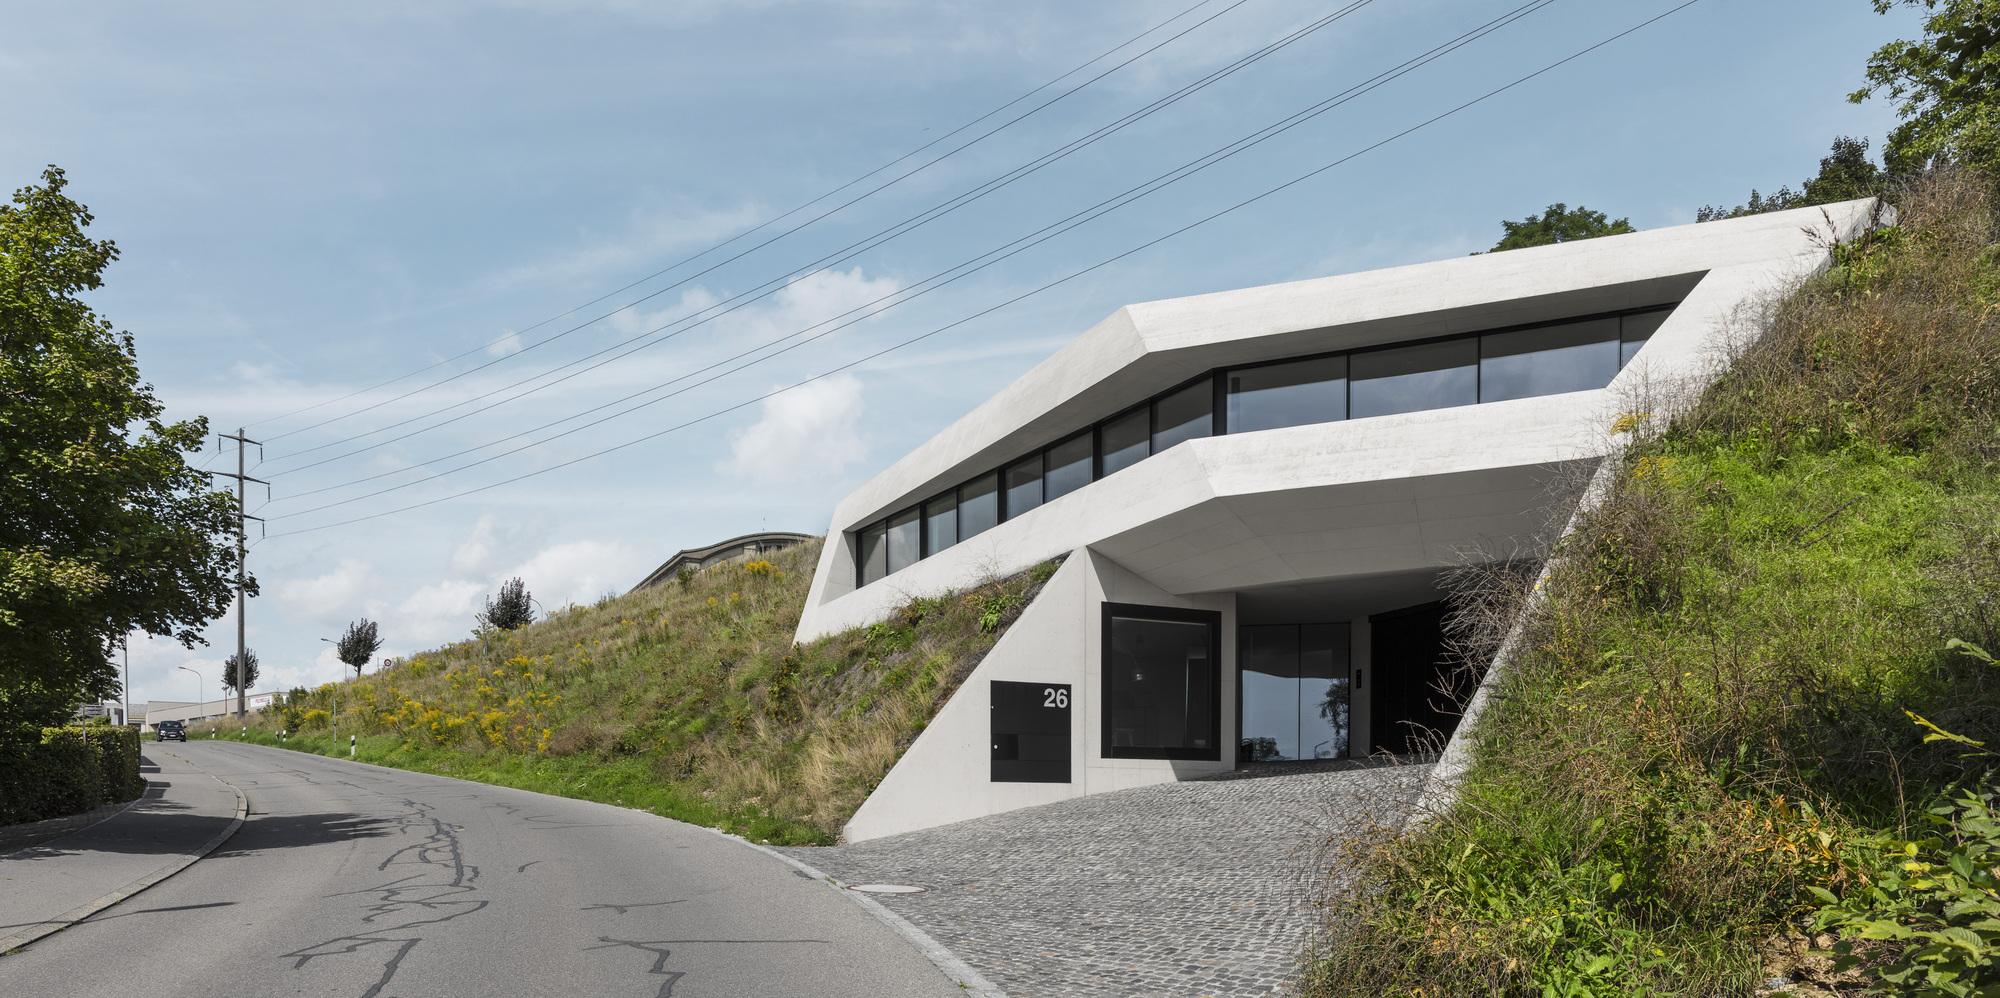 Monolitär / Dost Architektur GmbH   ArchDaily